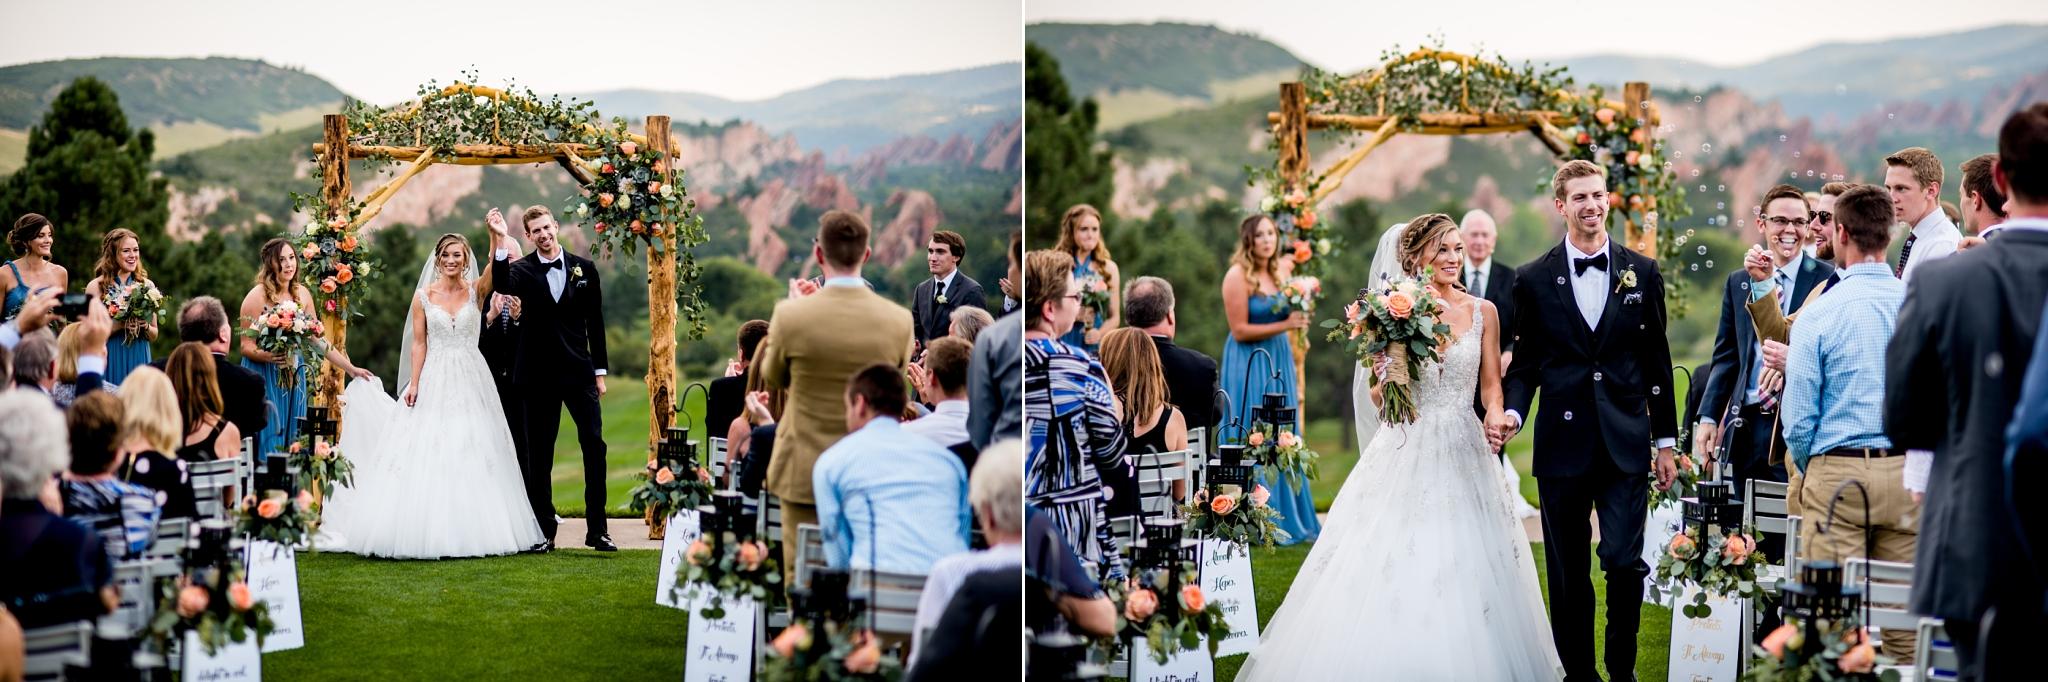 Arrowhead Golf Course Wedding_0037.jpg